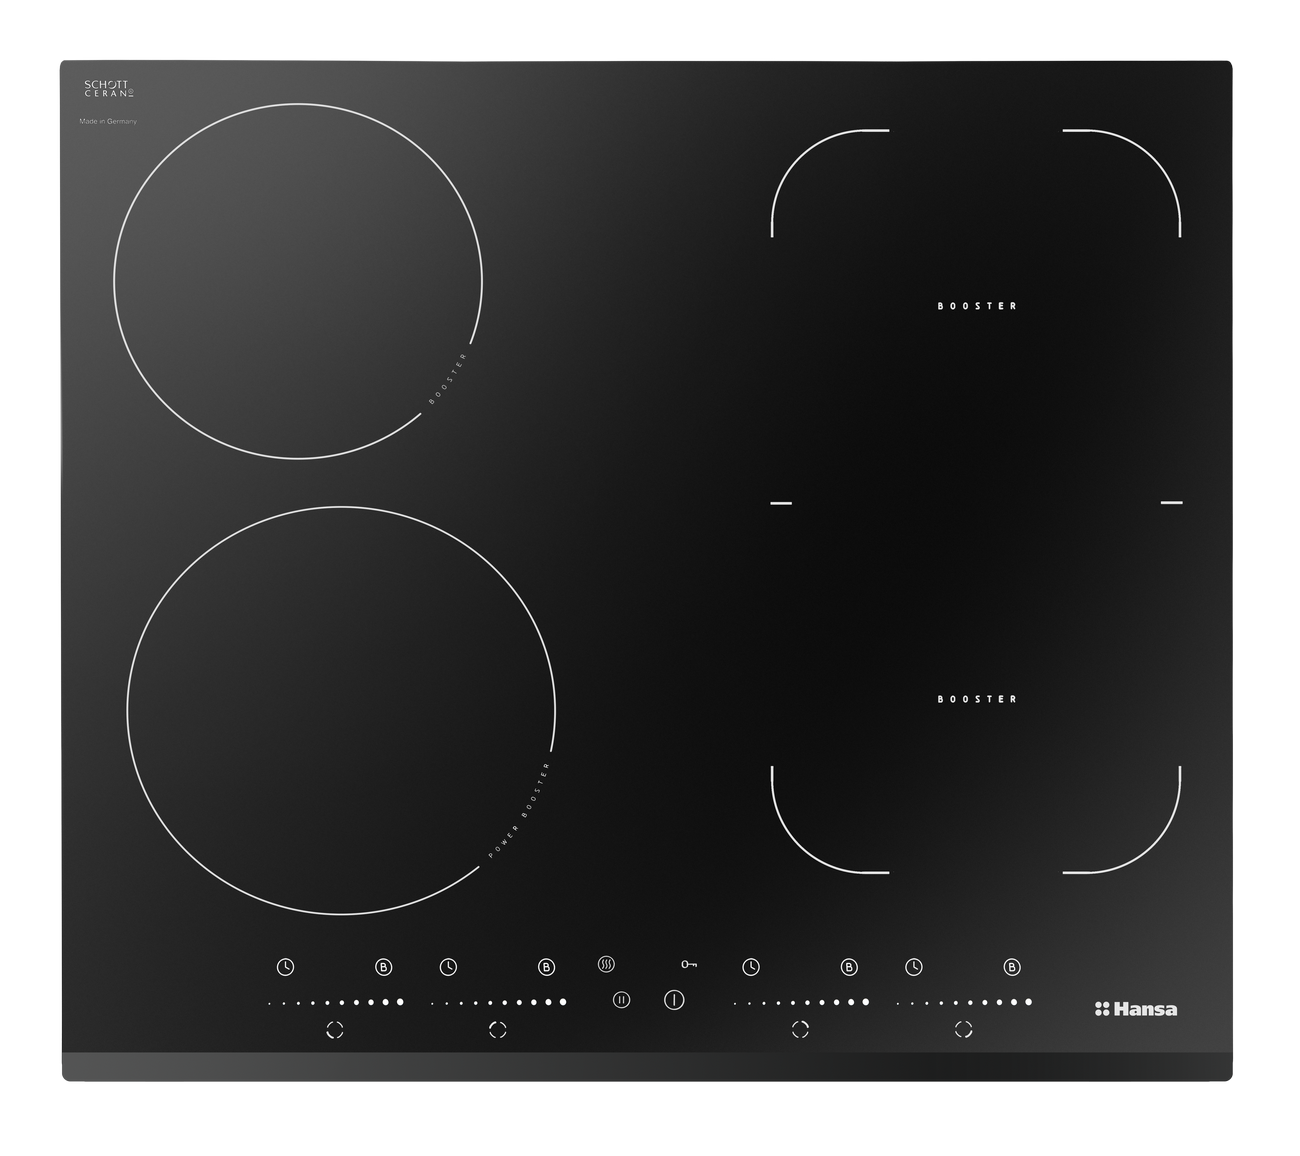 Встраиваемая индукционная панель Hansa BHI68621